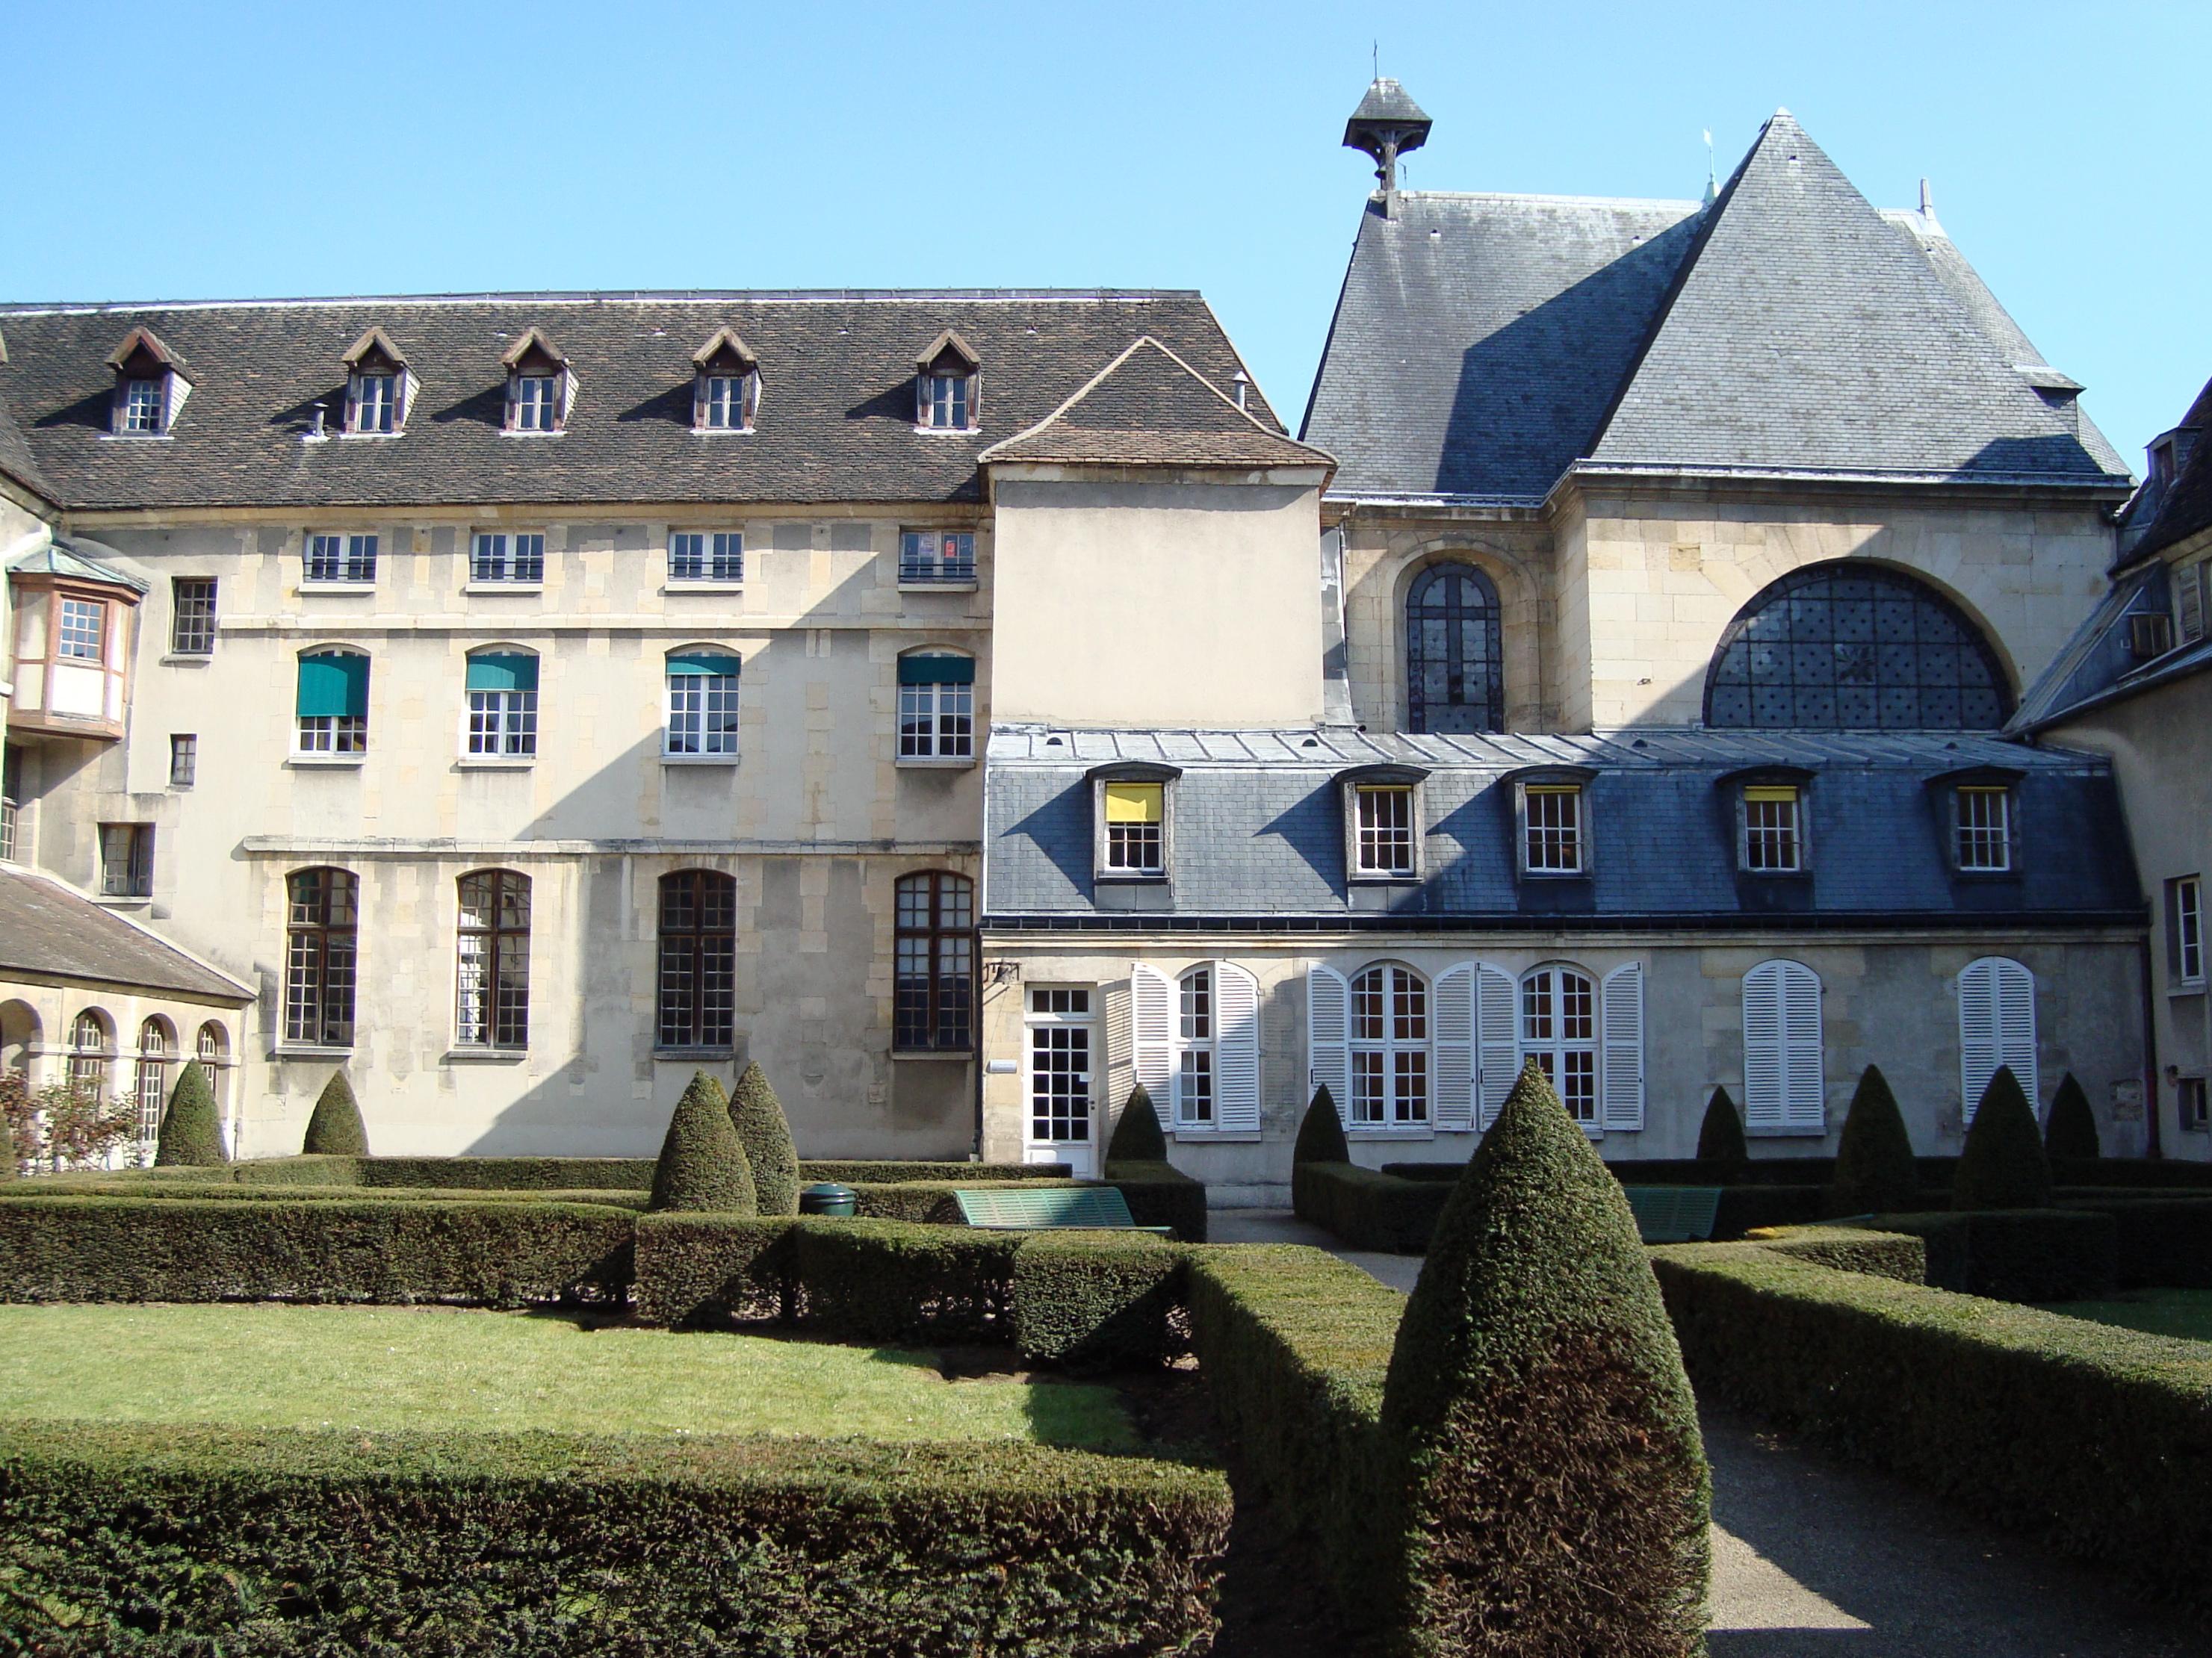 fichier cloitre de port royal paris cochin jpg wikip dia On artisanat monastique paris port royal